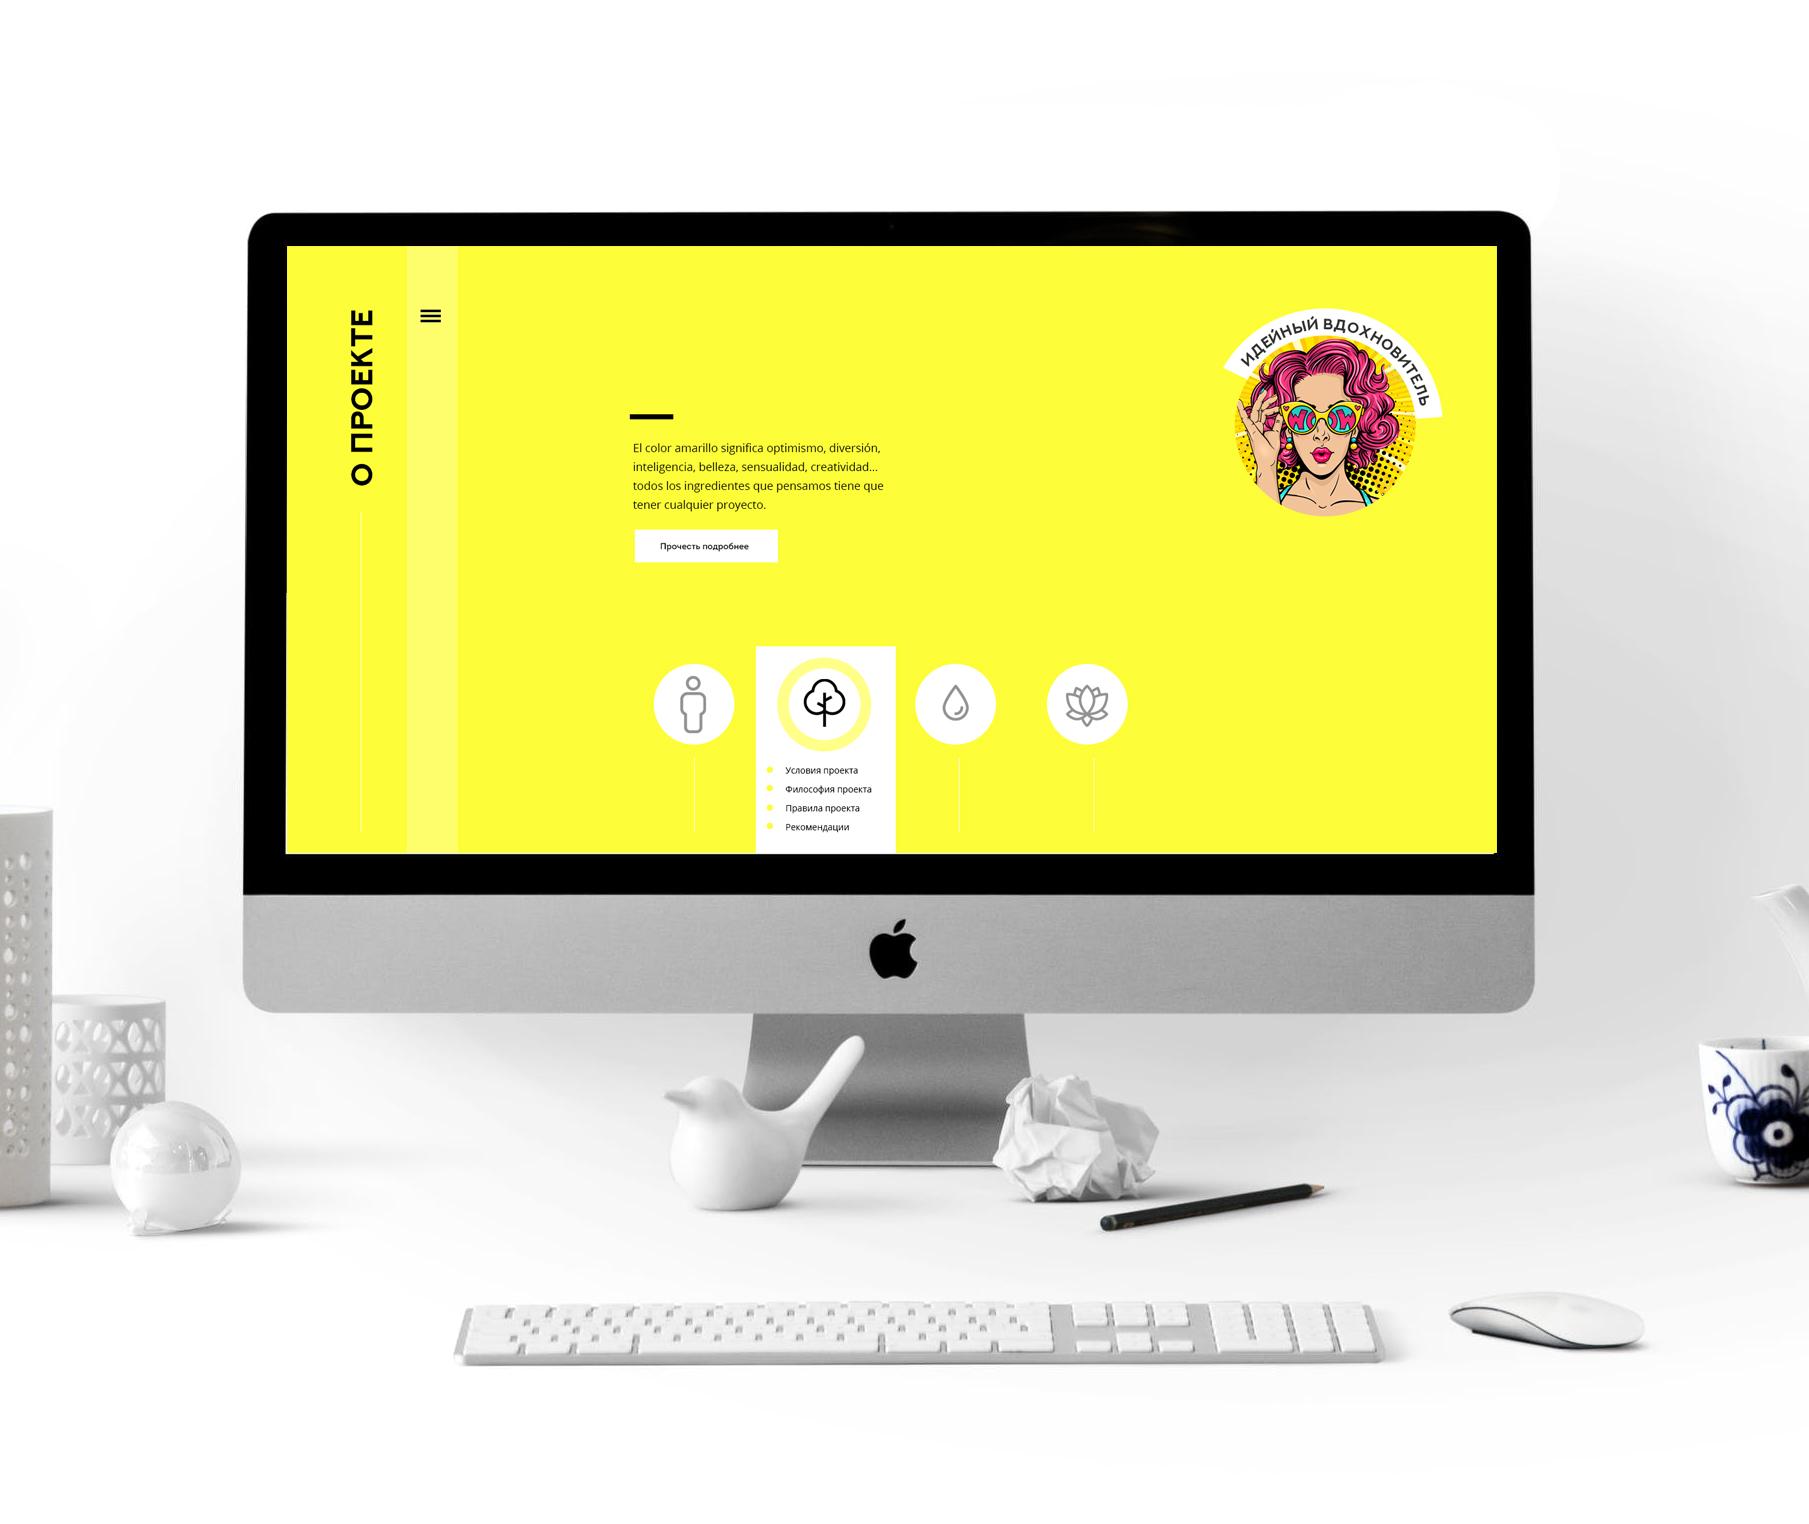 Креативный дизайн внутренней страницы портала для детей фото f_1145cfcad907f540.jpg